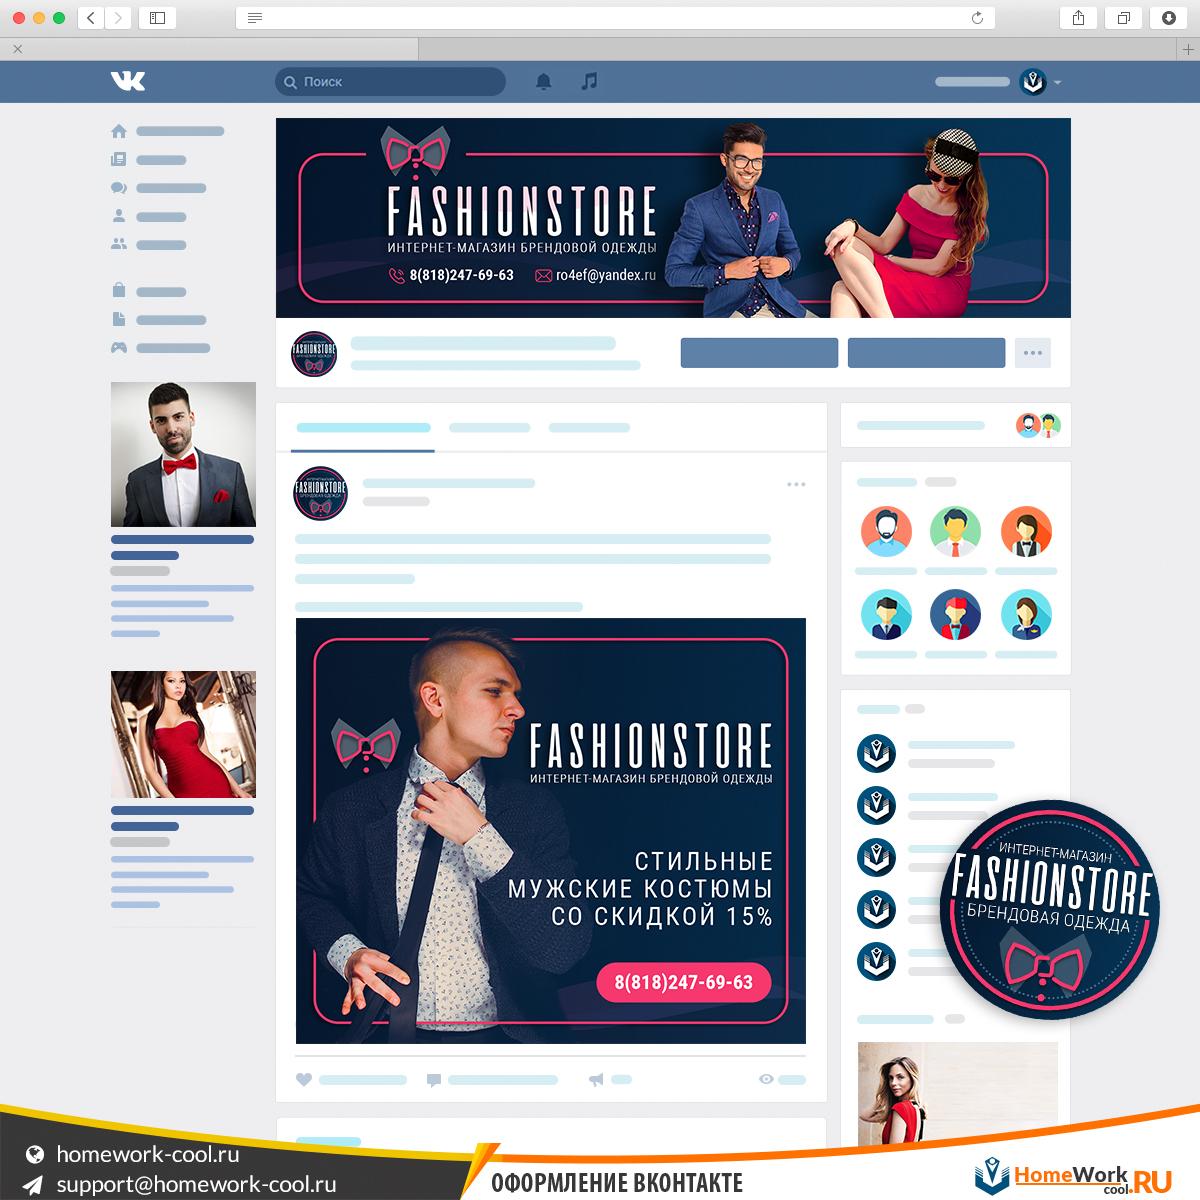 Оформление группы ВК «FashionStore»